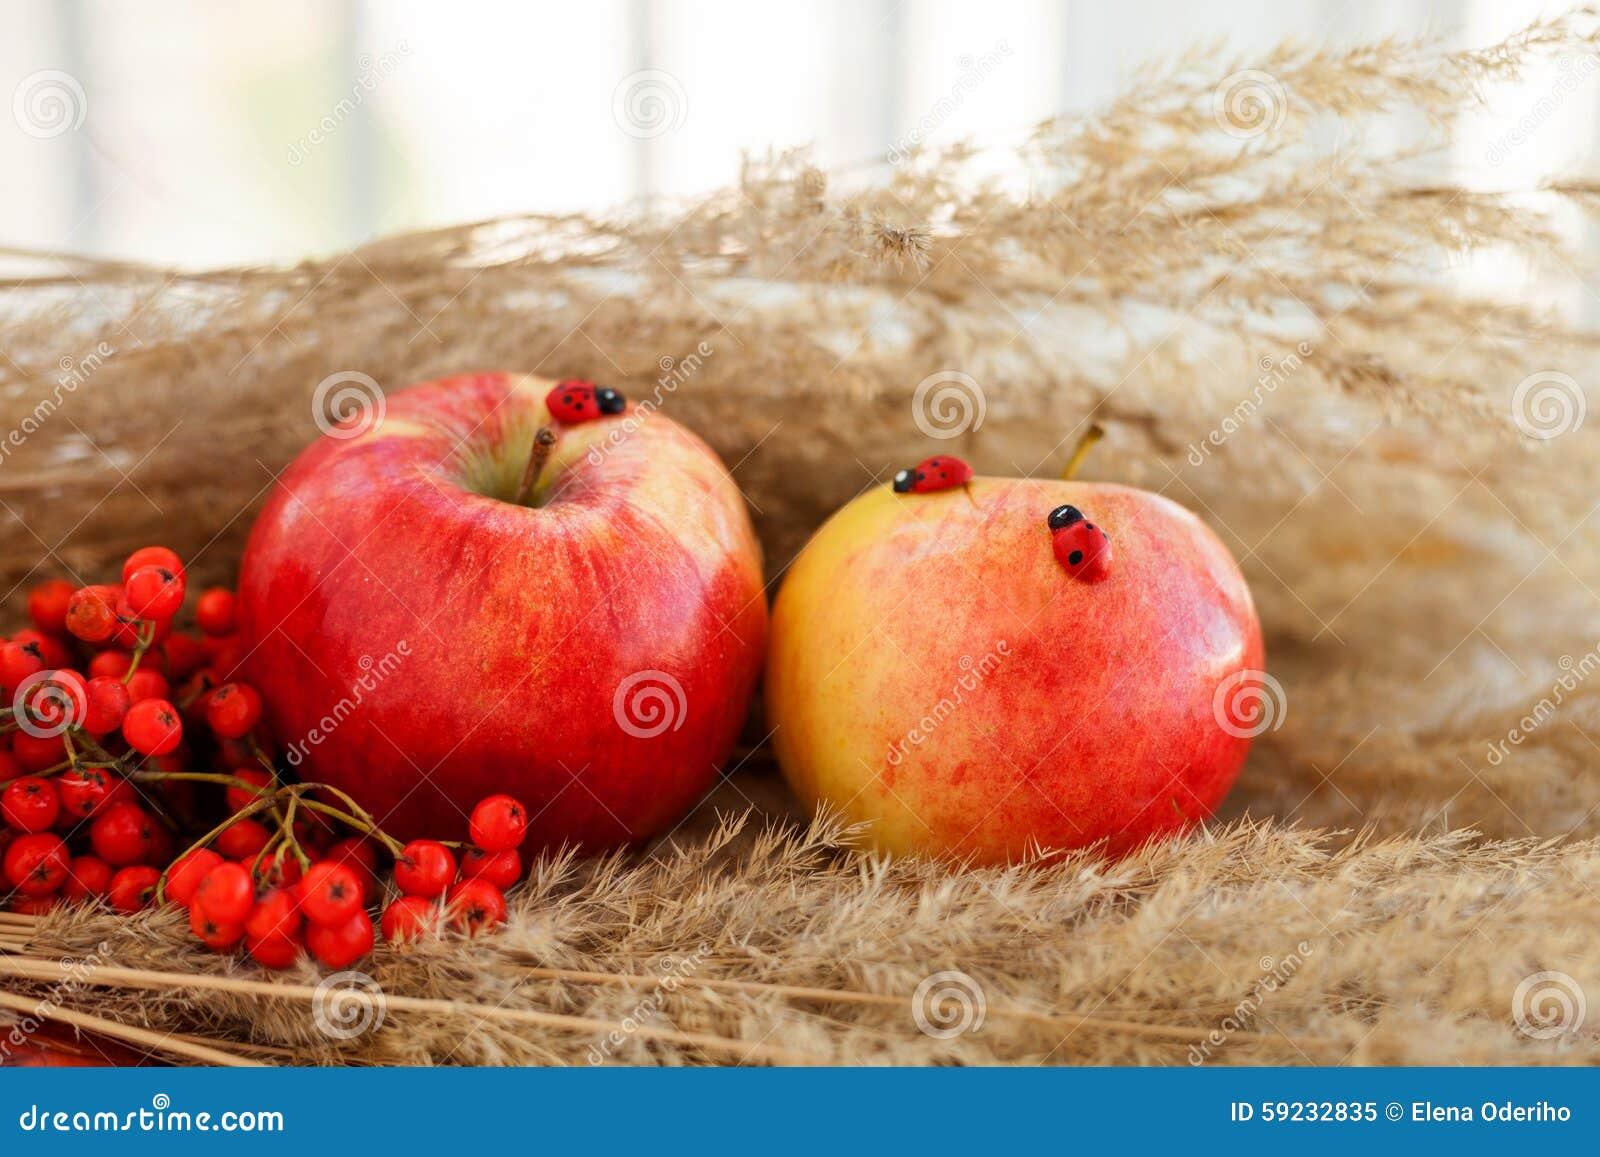 Todavía vida de manzanas maduras rojas en las espiguillas